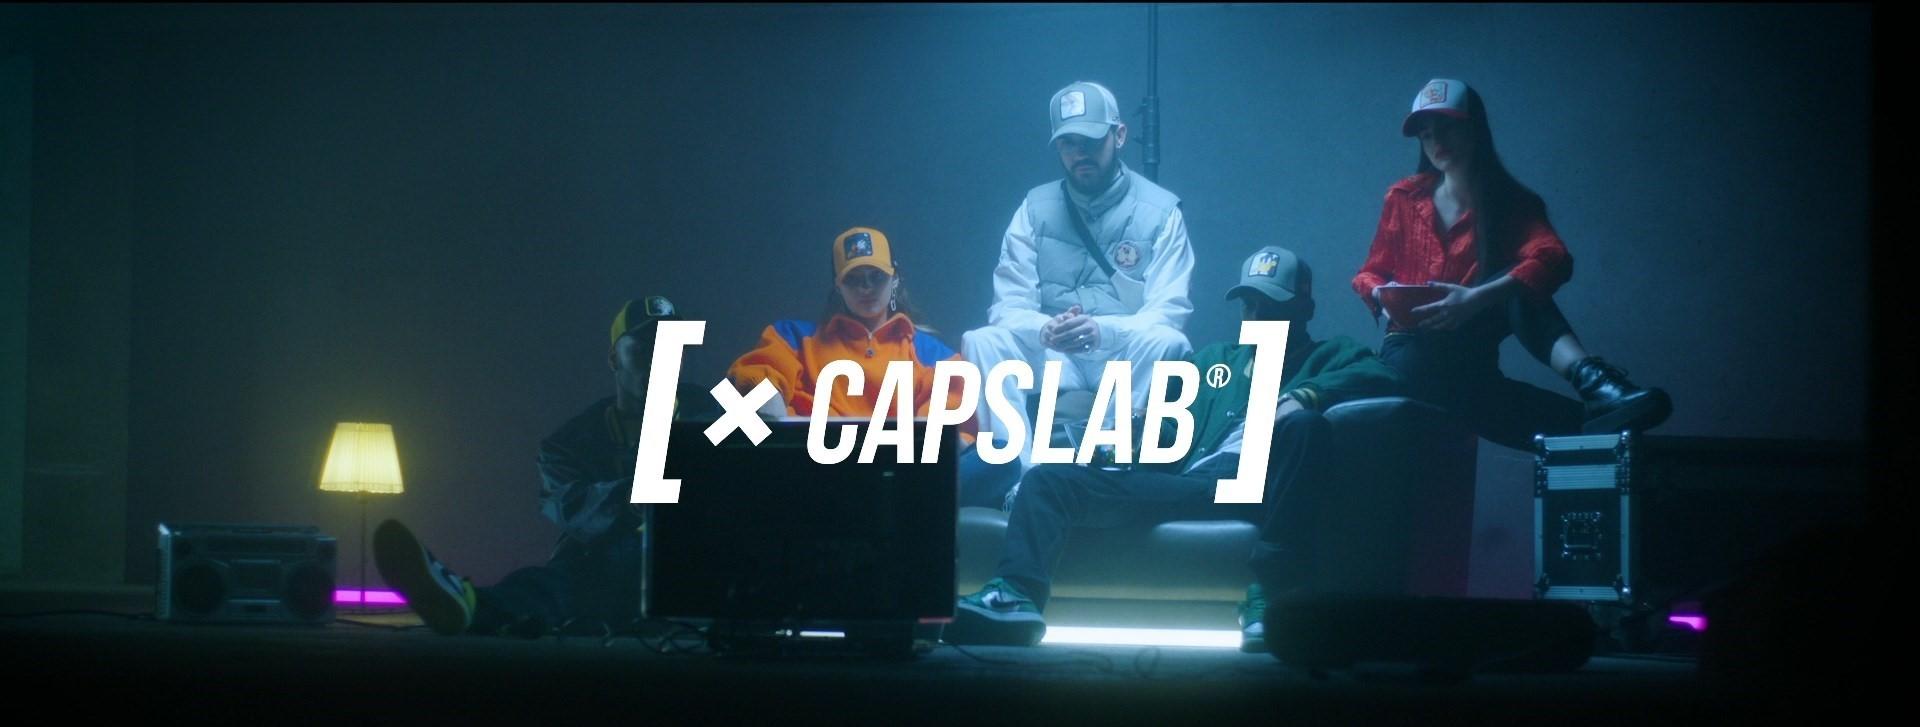 Capslab je mladá francouzská společnost vyrábějící čepice s postavičkami z různých známých pohádek.